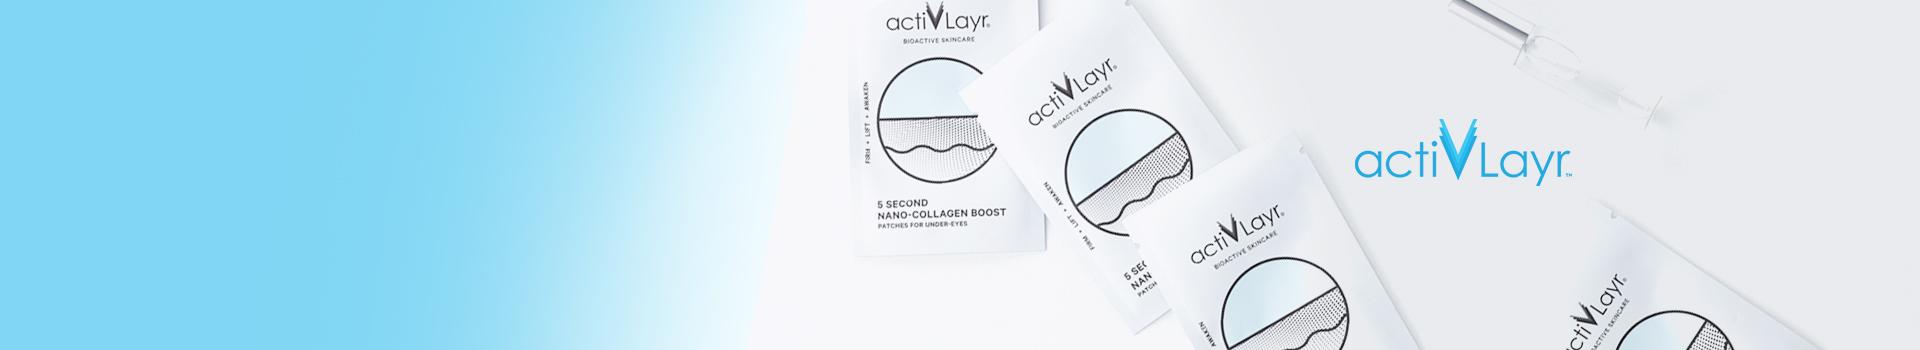 ActivLayr